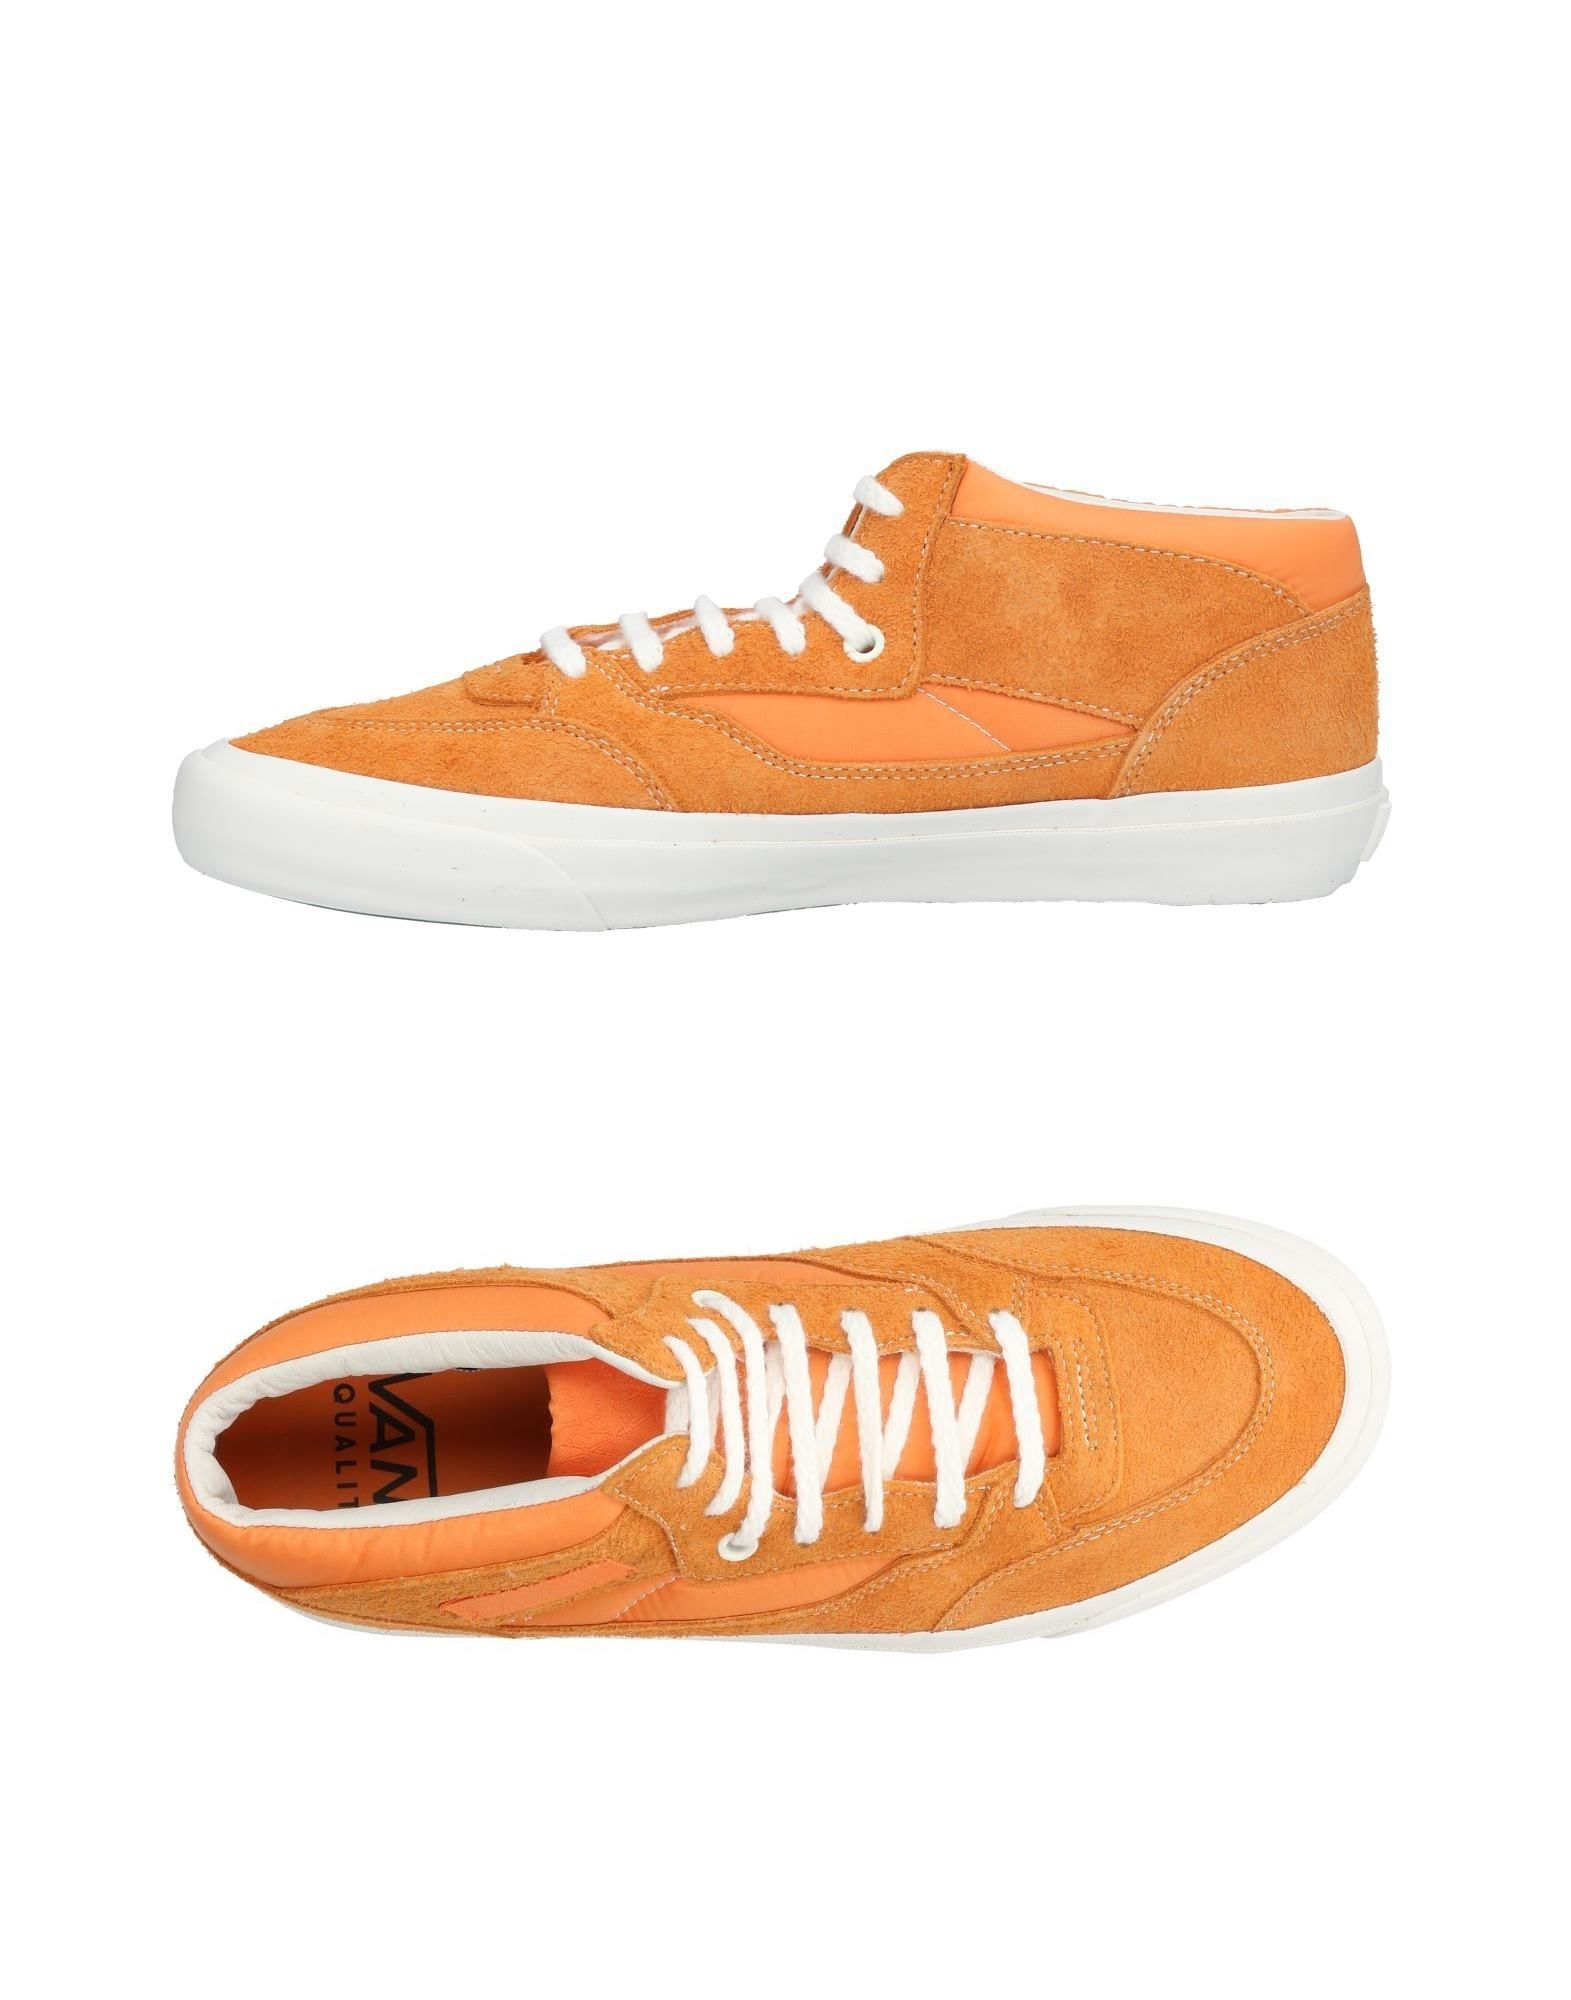 《送料無料》VANS メンズ スニーカー&テニスシューズ(ローカット) オレンジ 11.5 革 / 紡績繊維